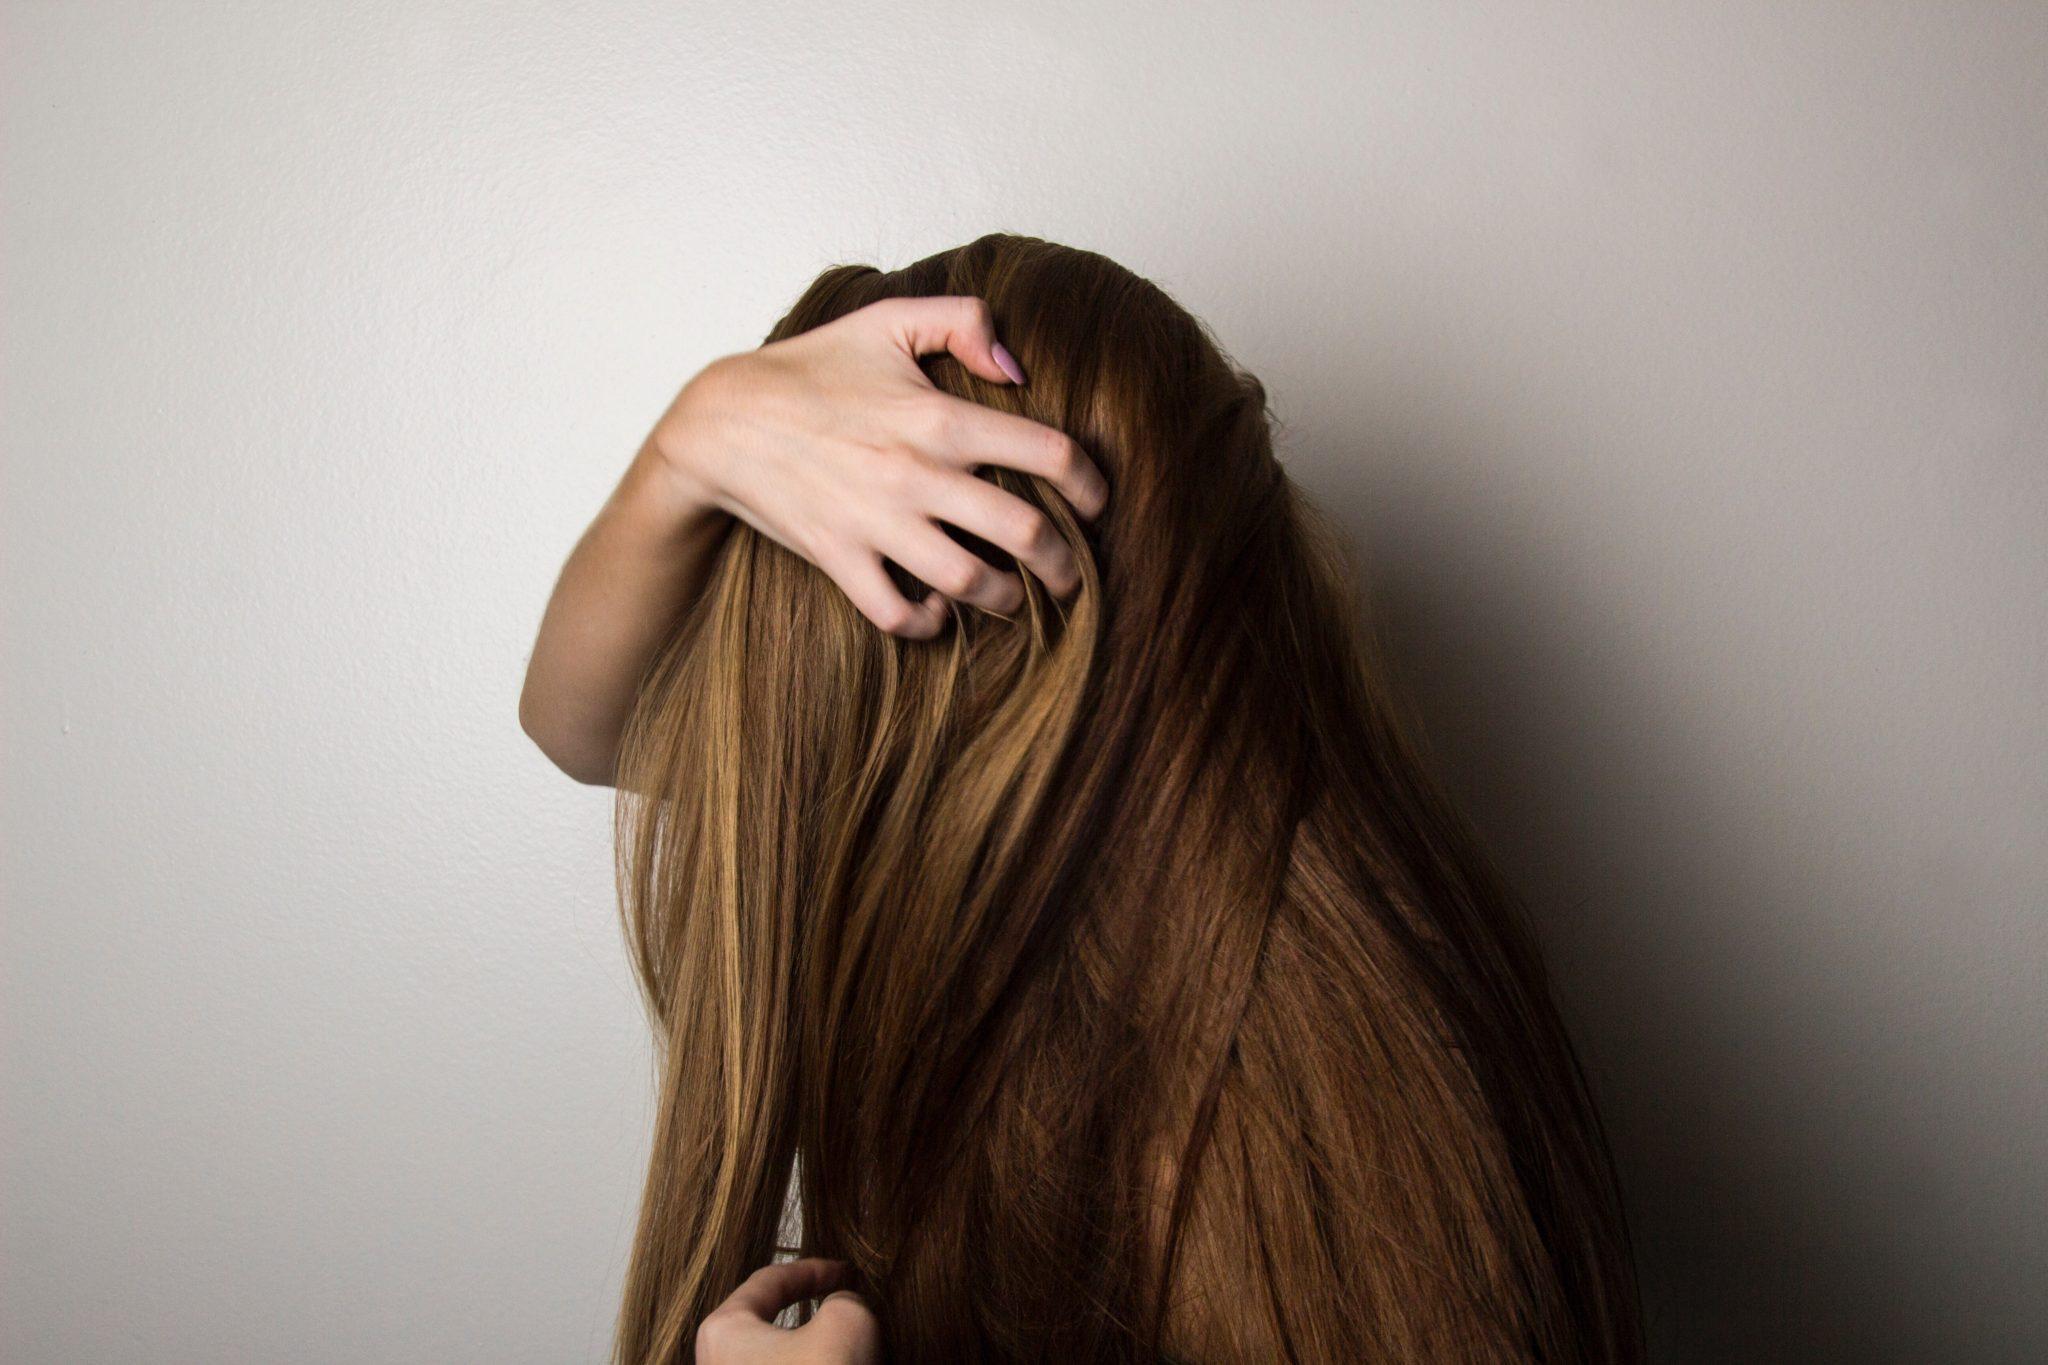 על השירות שלנו ויתרונות תוספות השיער שברשותינו